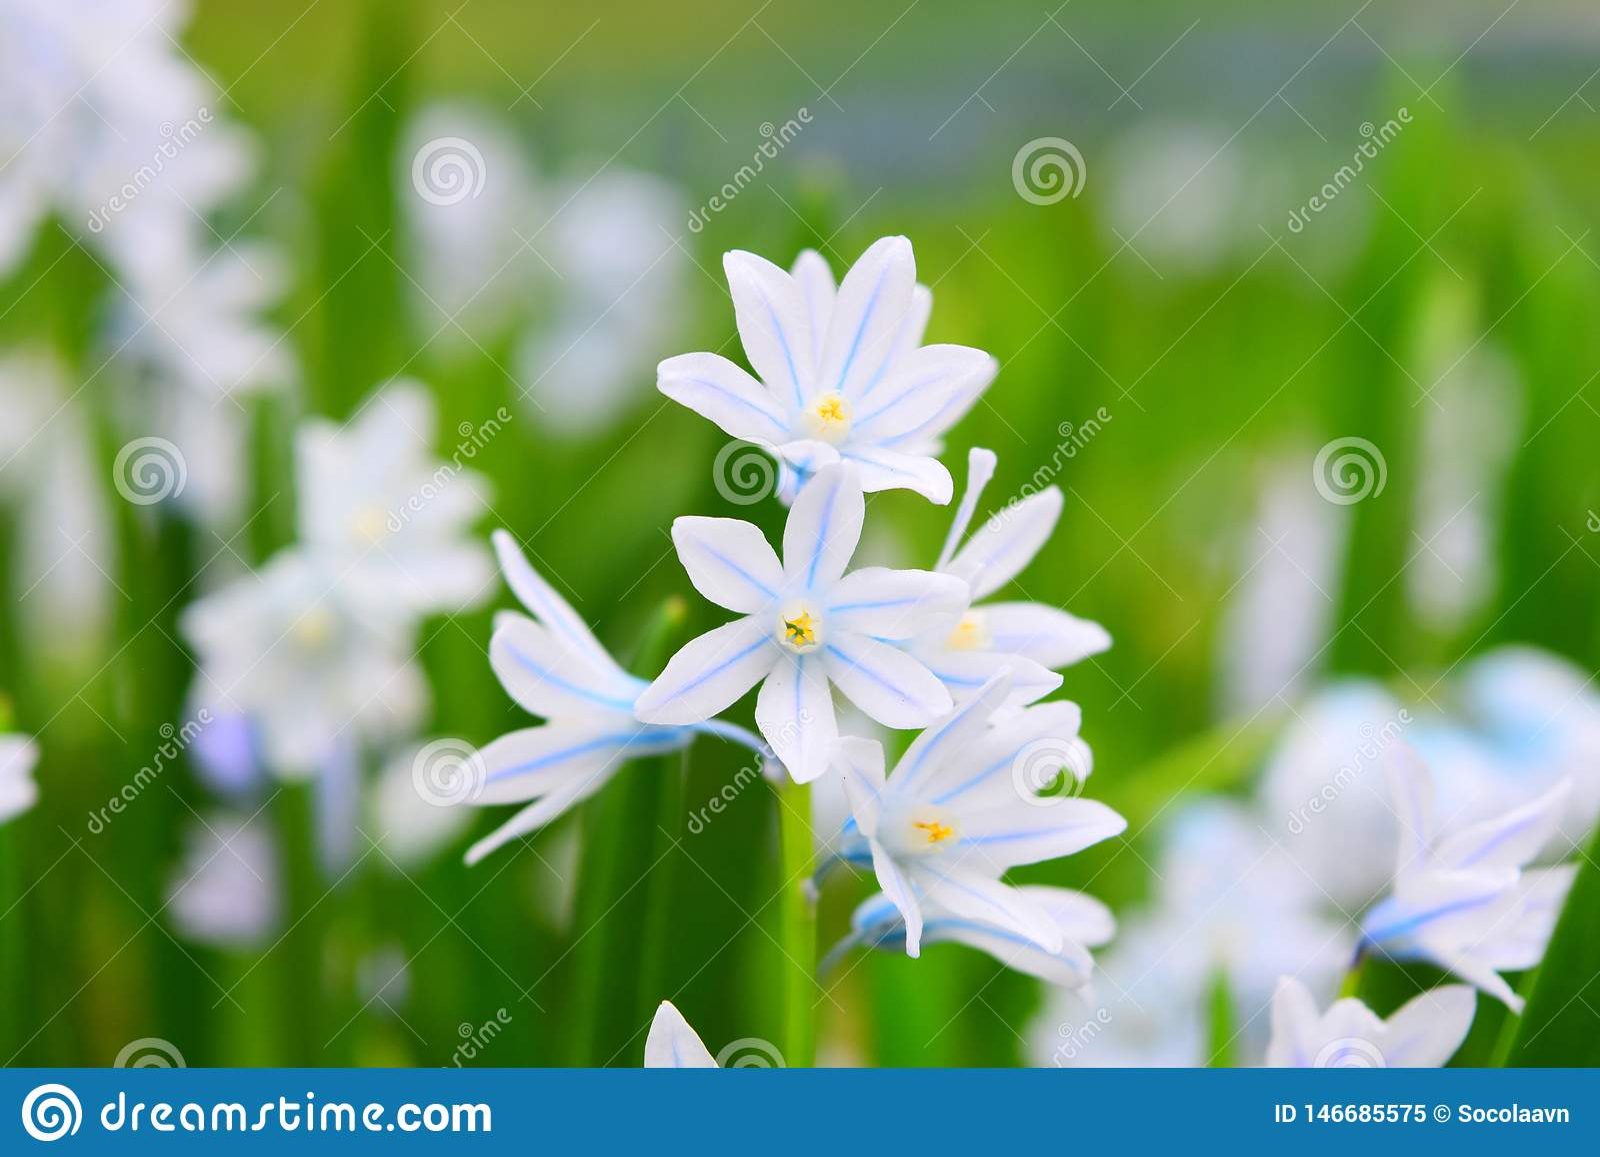 Tiro macro de flores blancas minúsculas